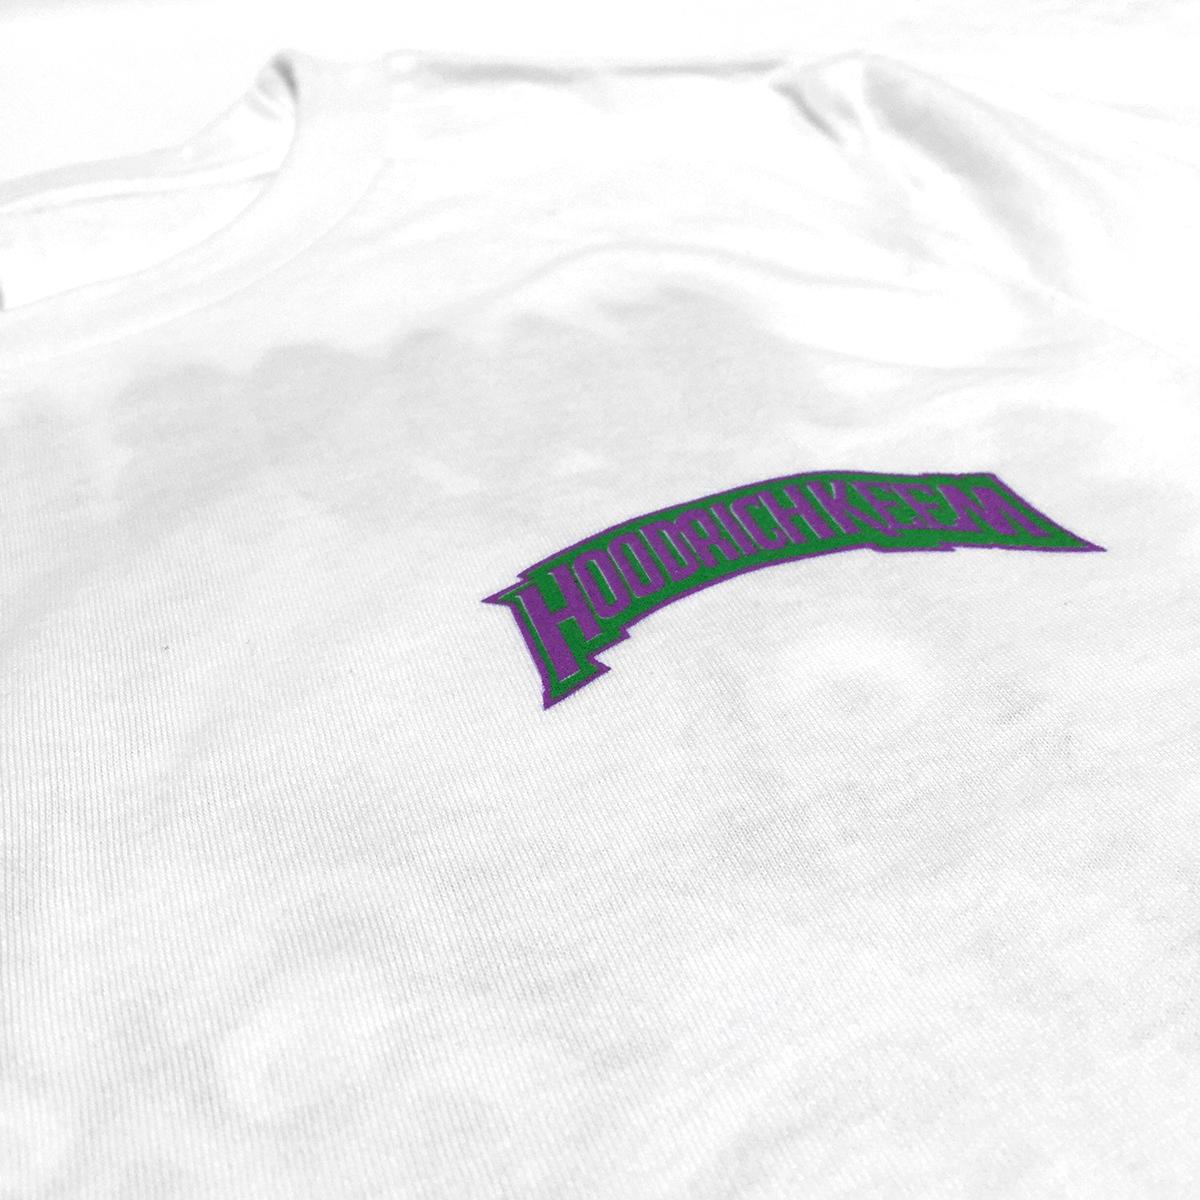 Worldwide Invasion II Long-Sleeve T-Shirt